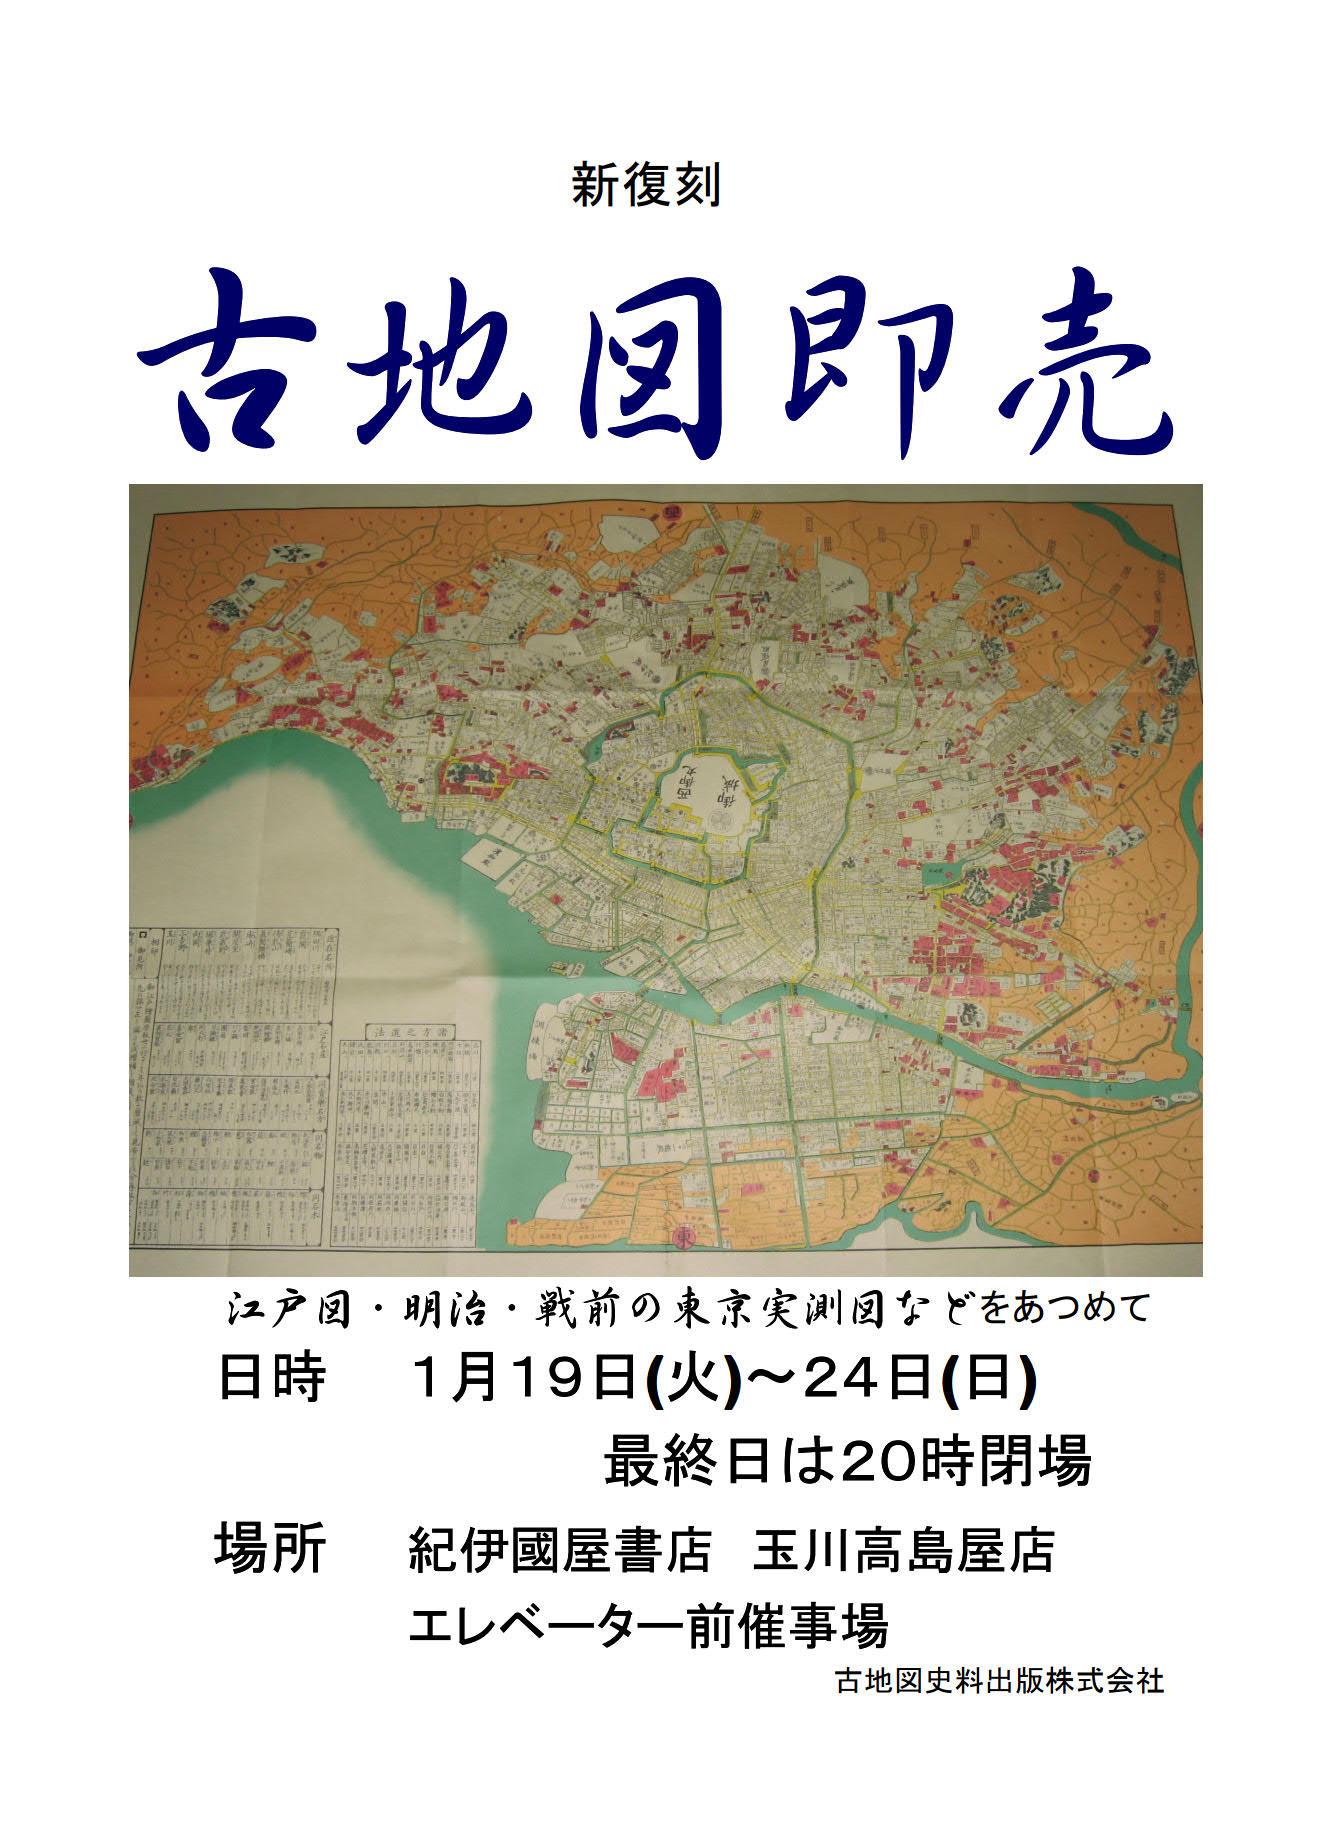 紀伊國屋書店:2021/1/19〜24 復刻古地図即売会 開催いたします!